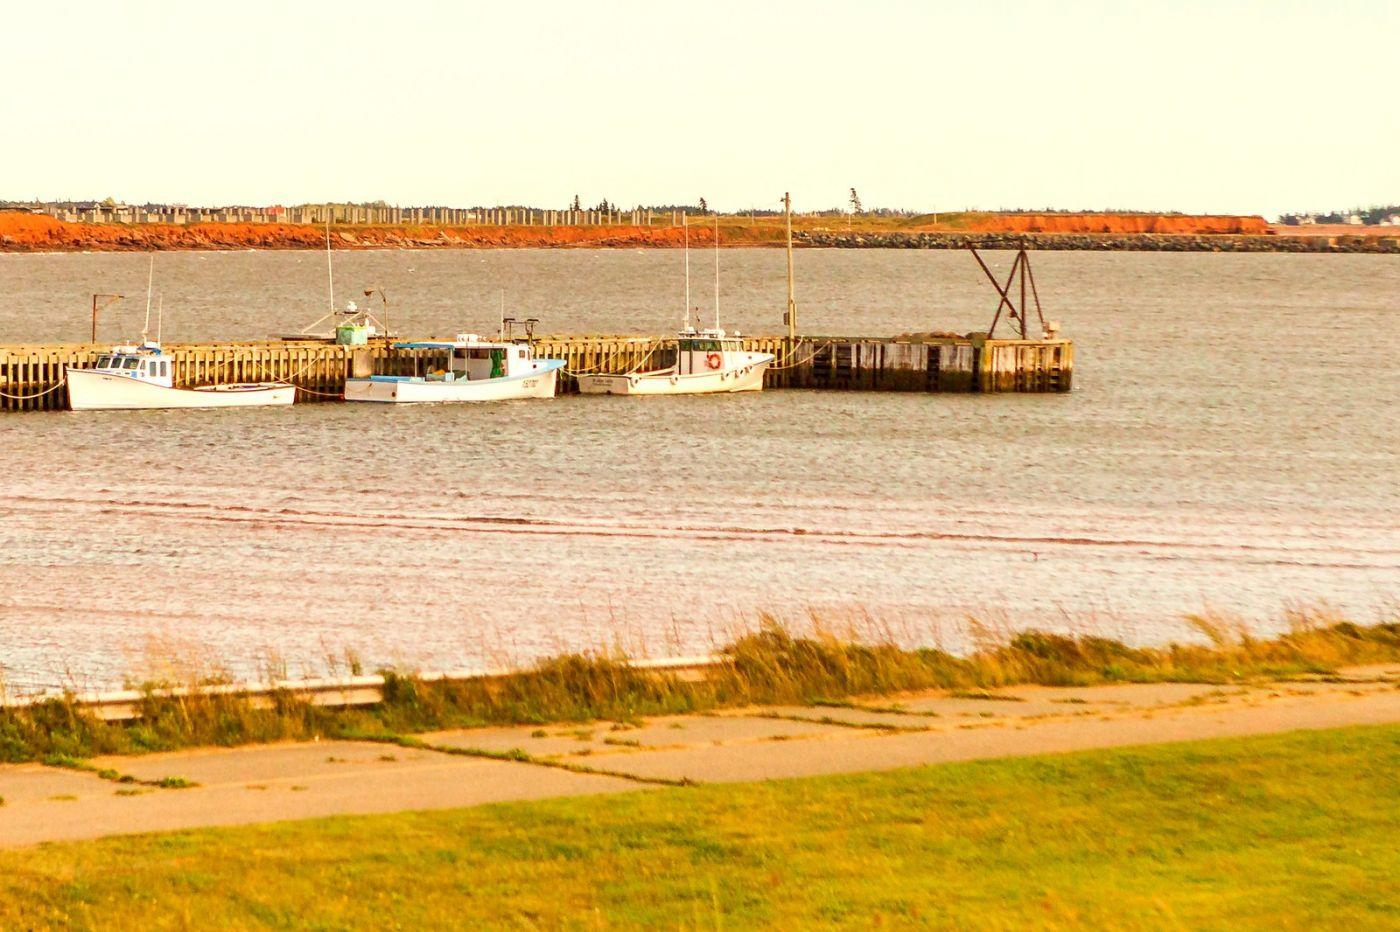 加拿大风景,长桥前逗留_图1-2